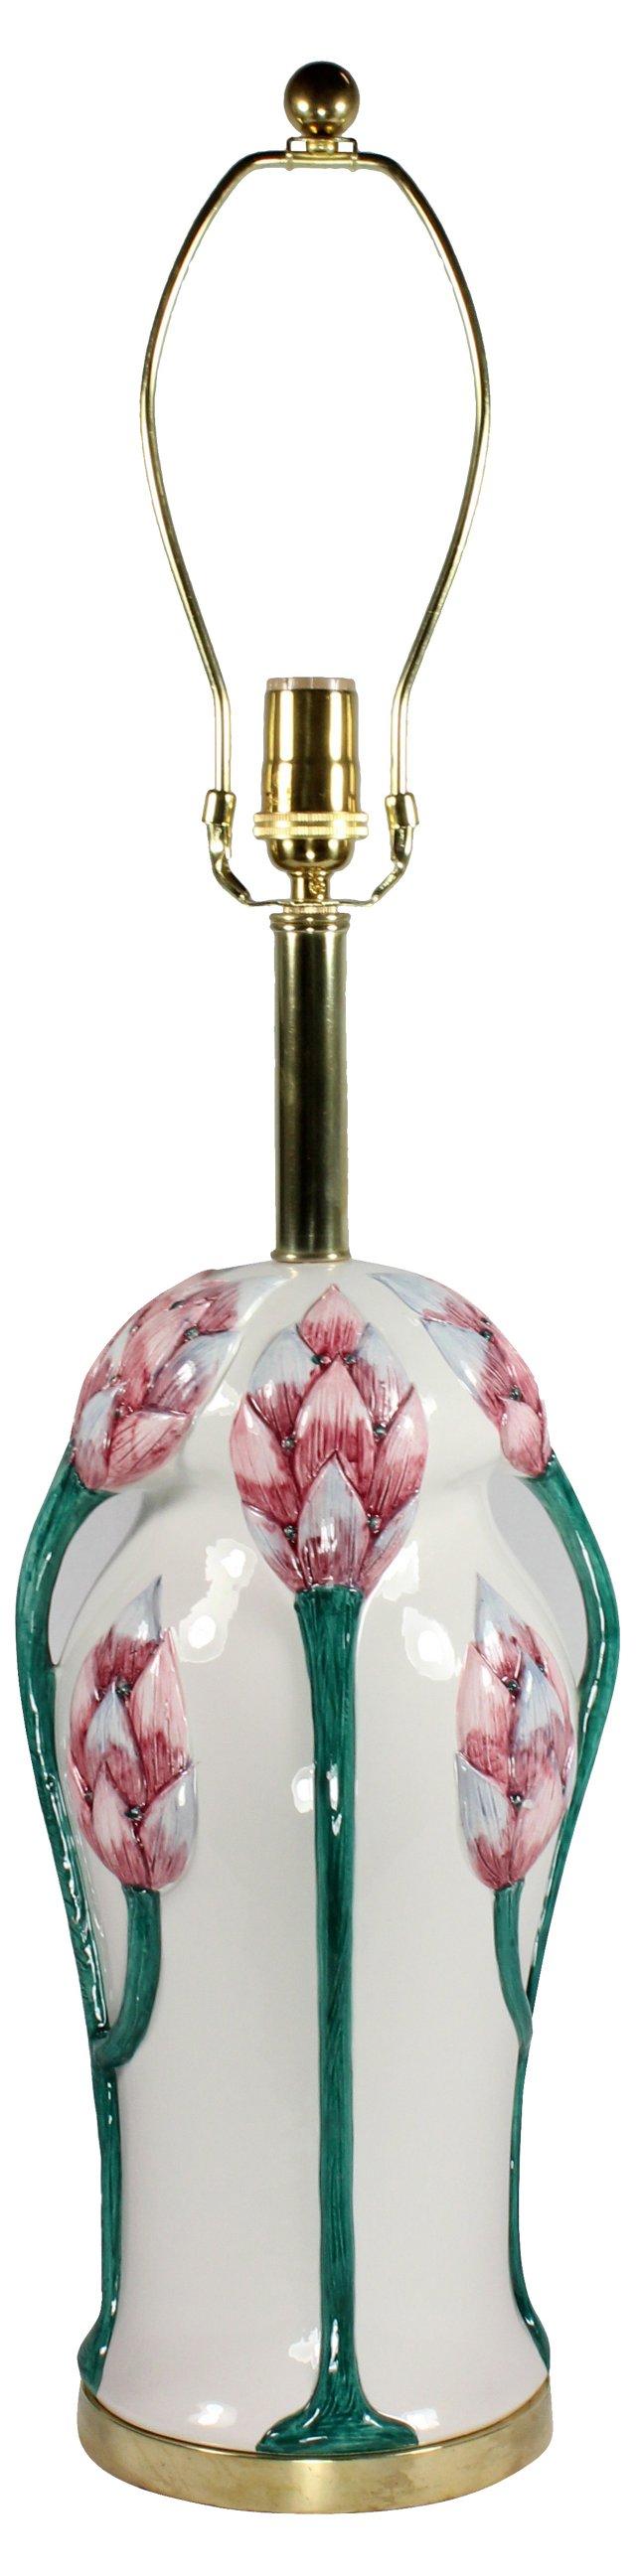 Chapman Ginger Flower Lamp